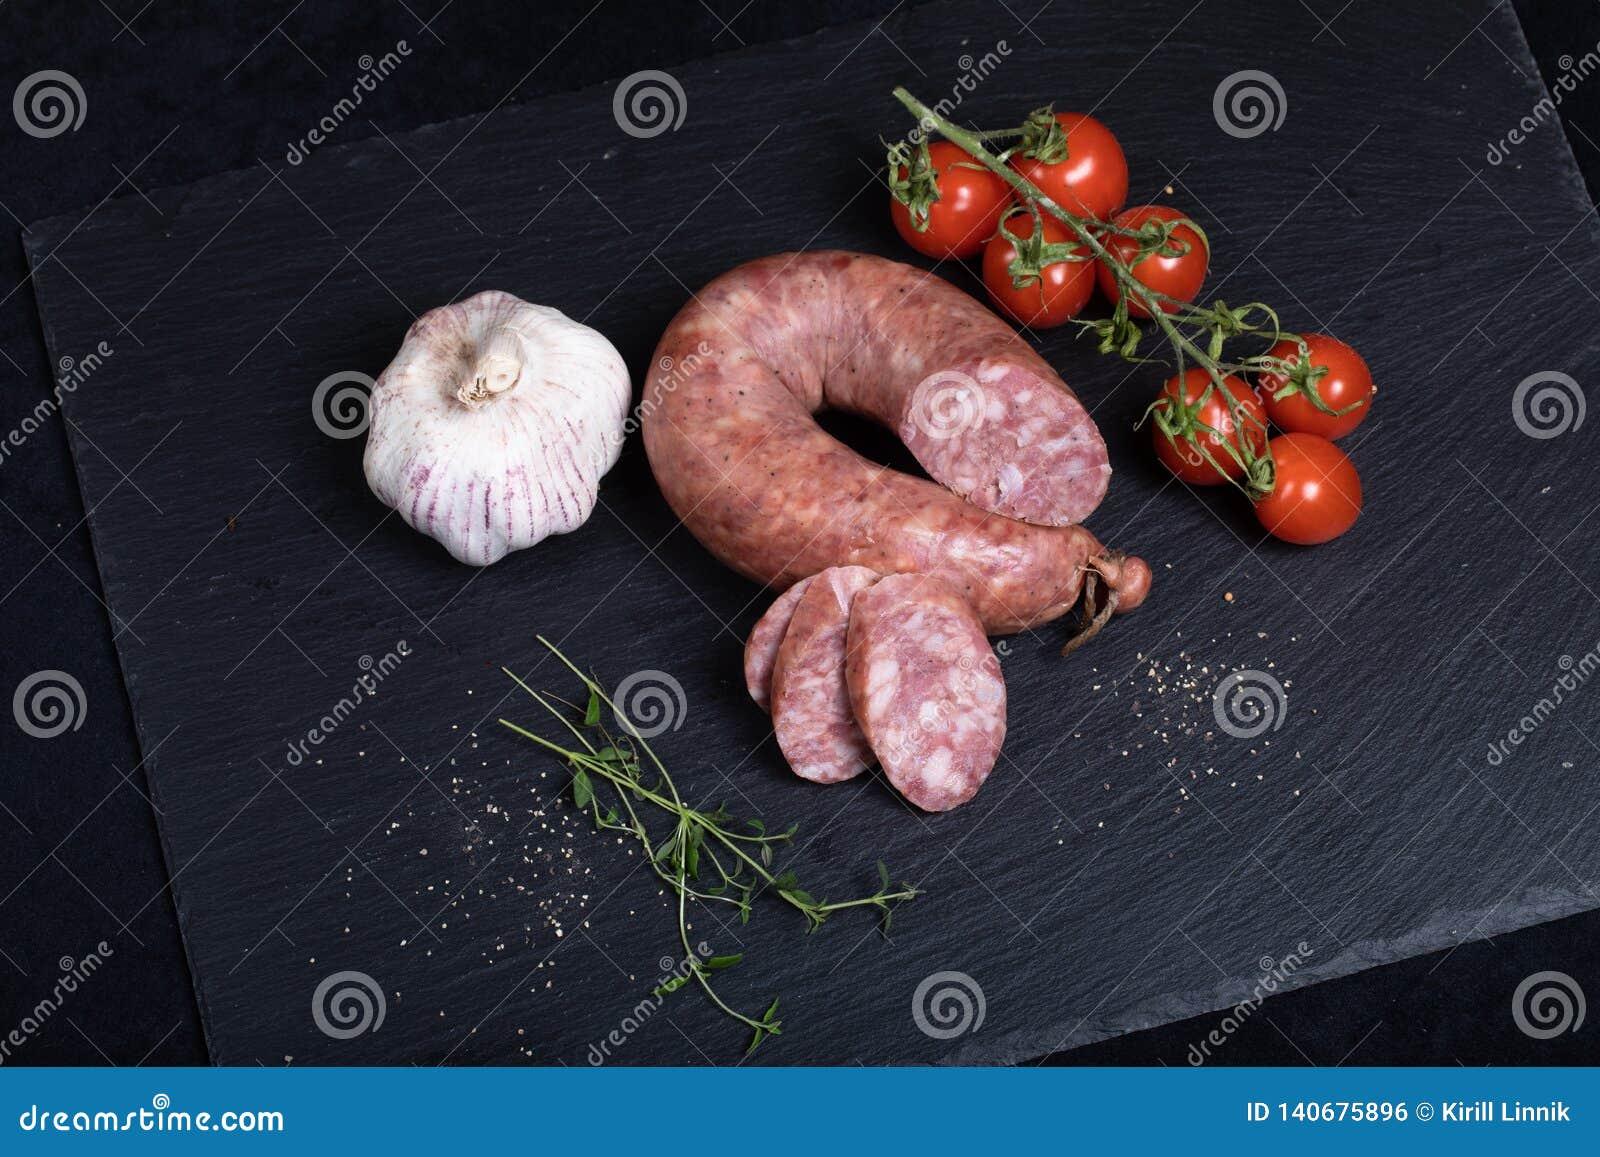 Smocked sausage on black stone plate